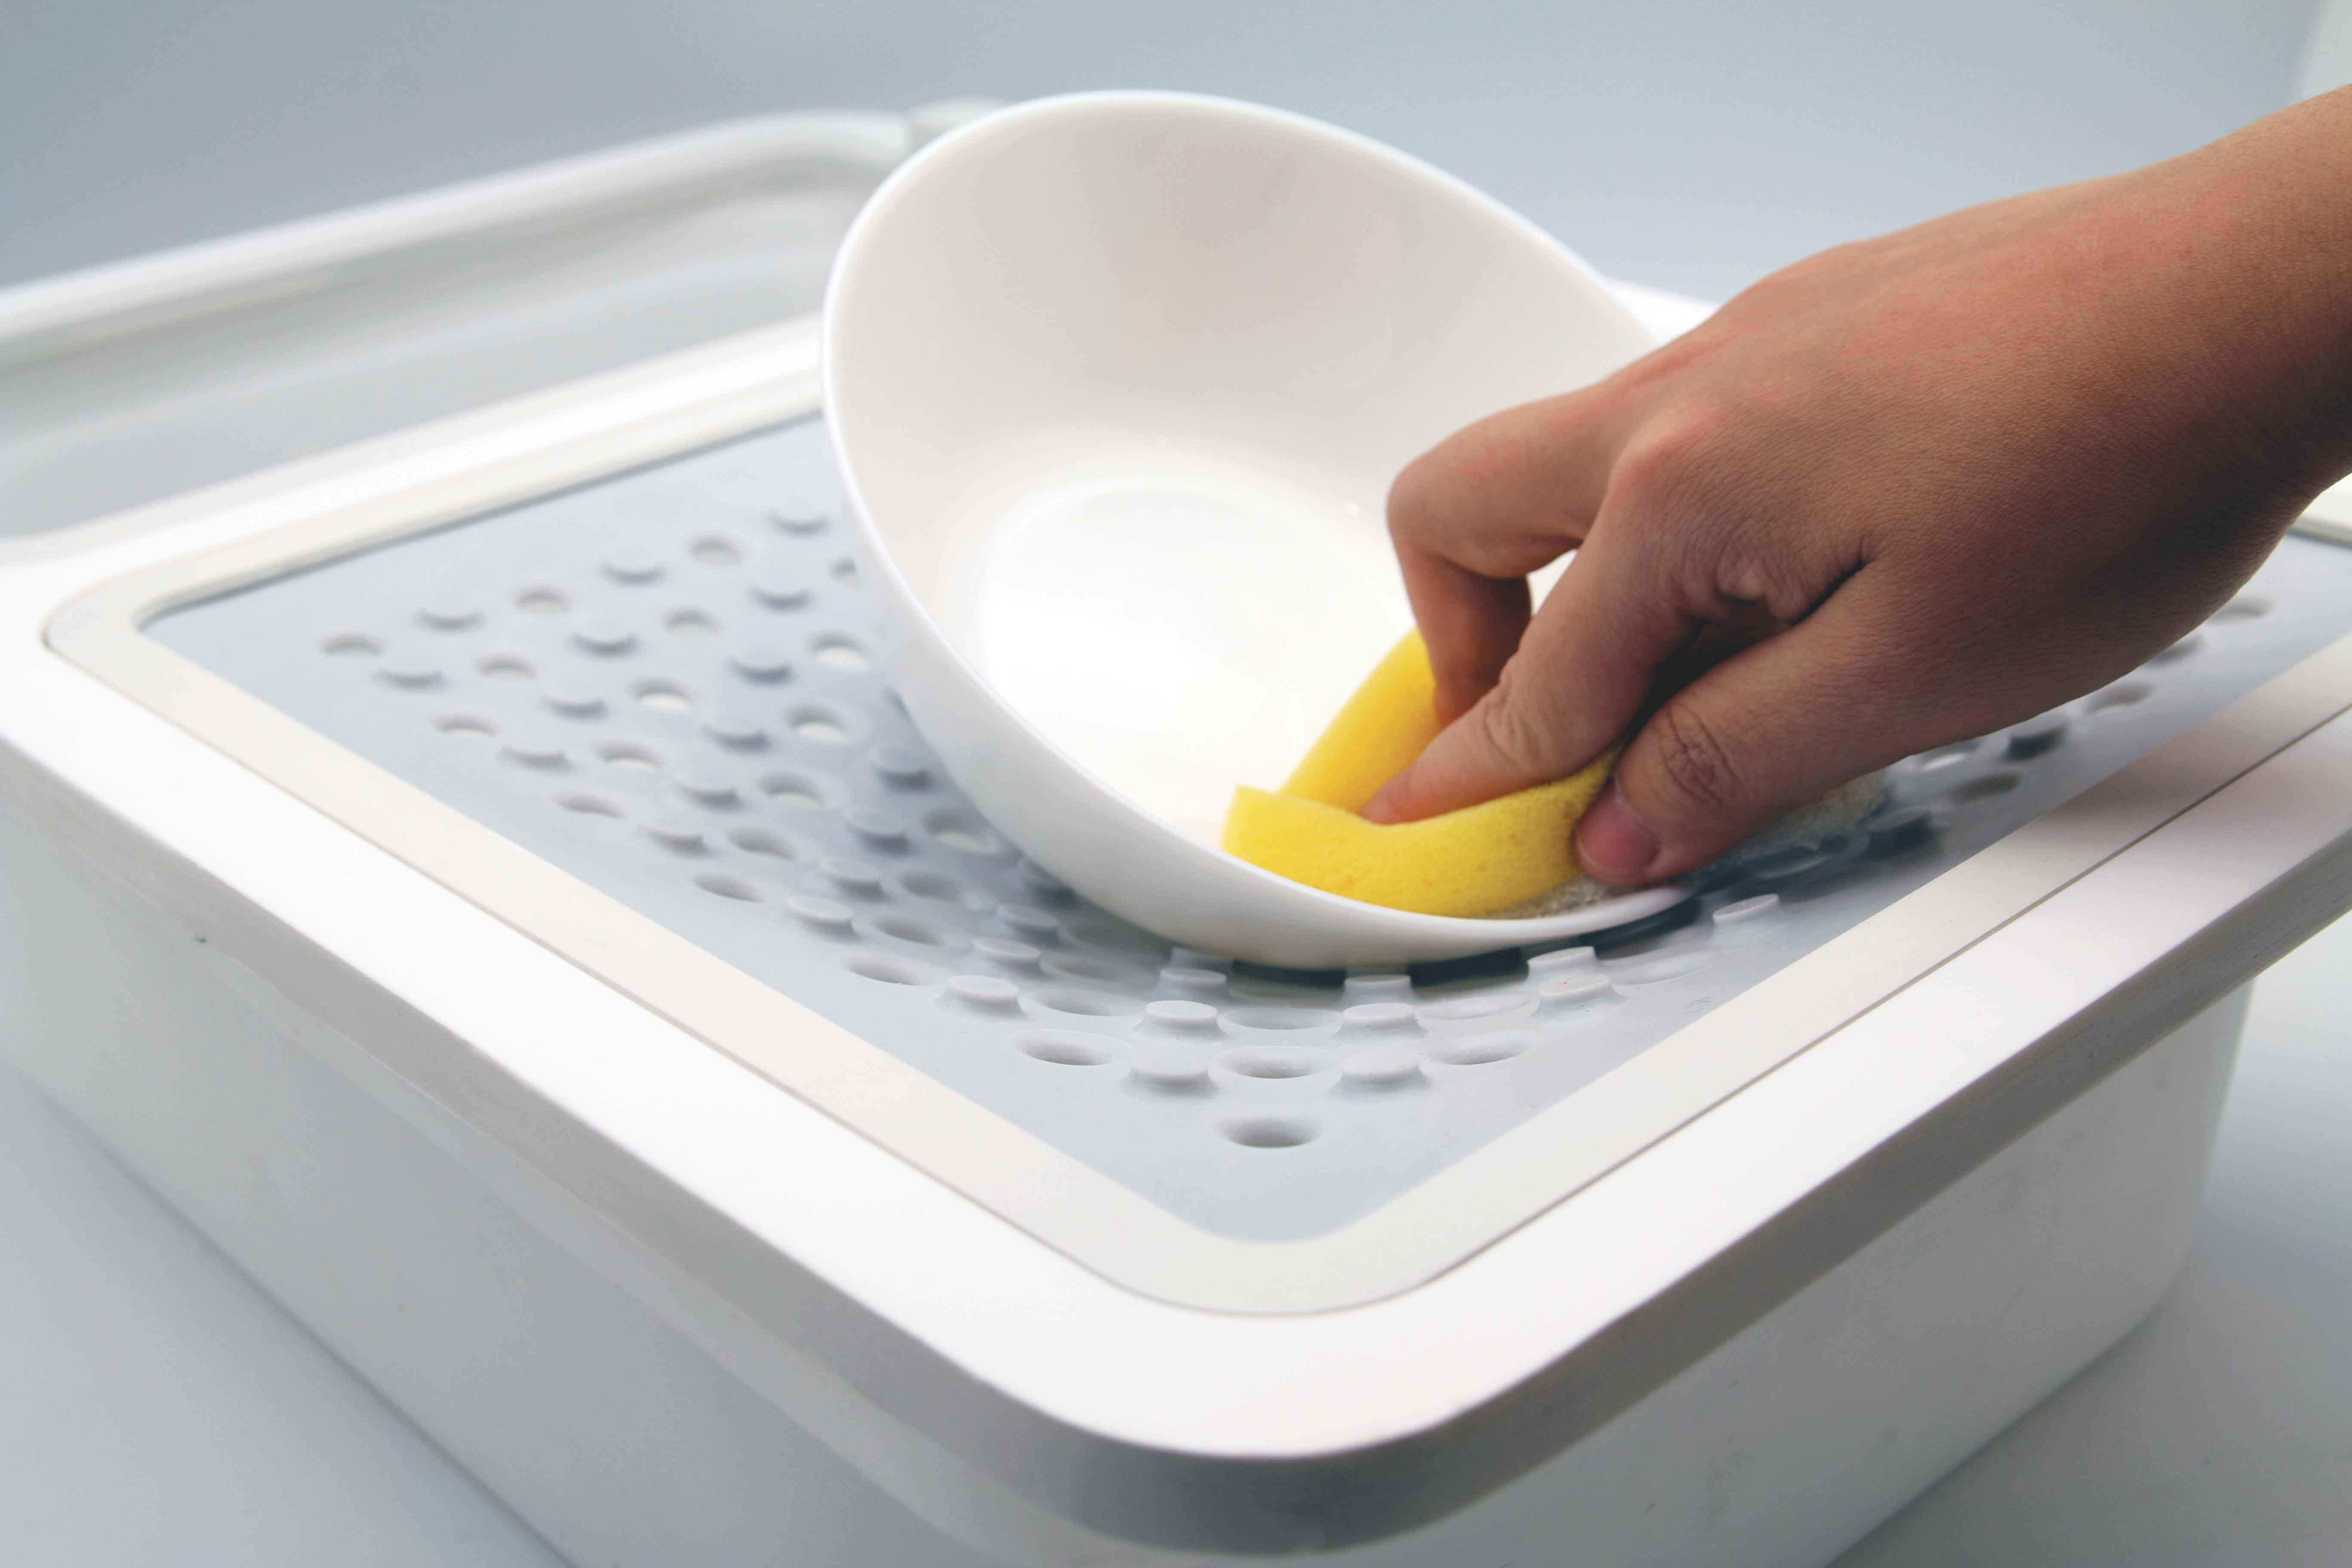 Dishwashing1